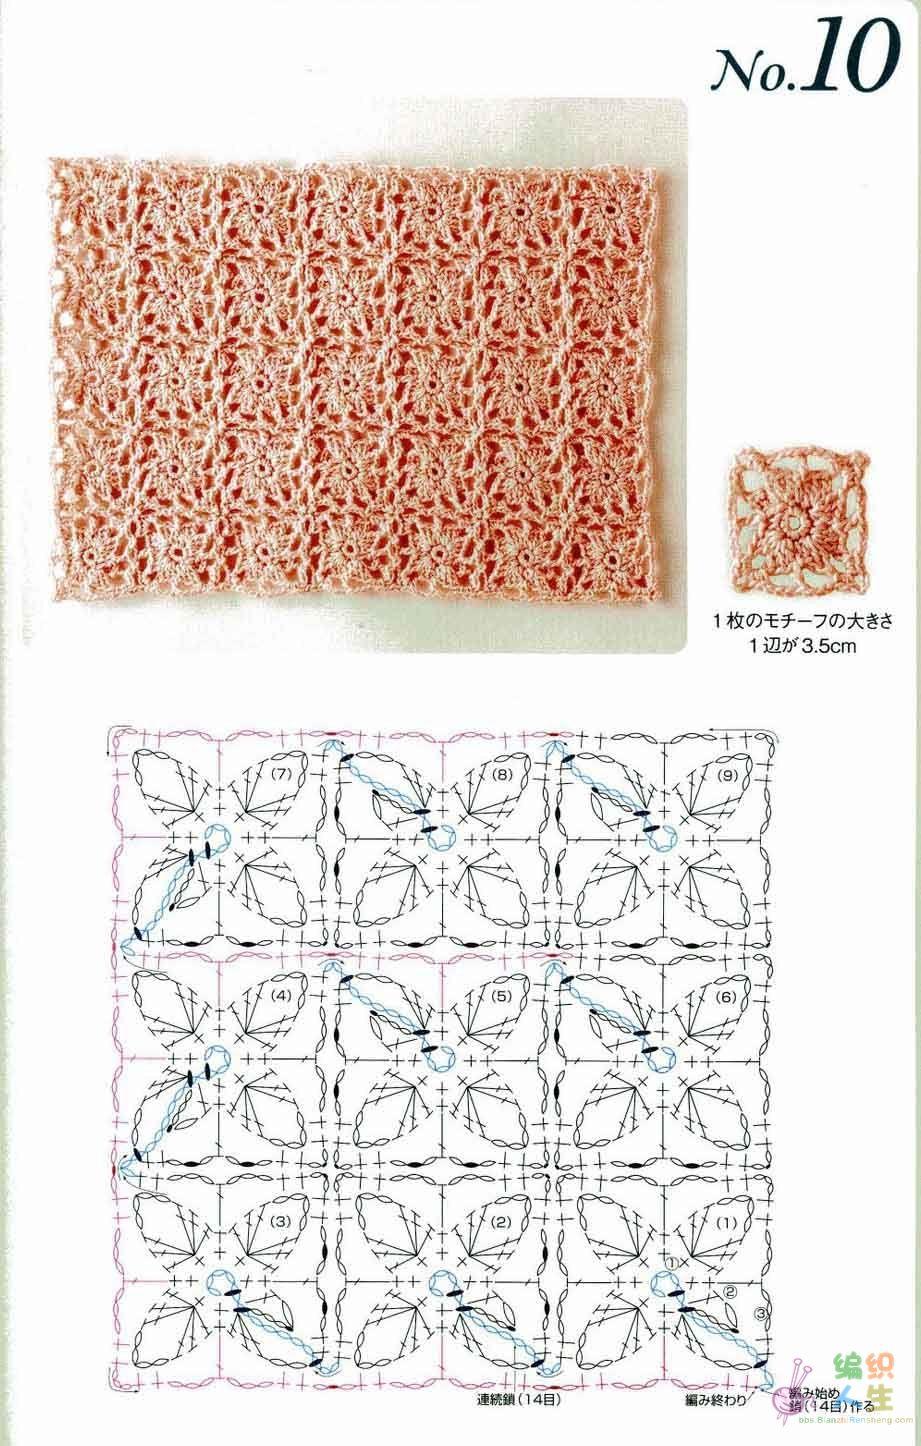 Clases de Puntos y Patrones. Libros - Patrones Crochet | Aplic 2 ...